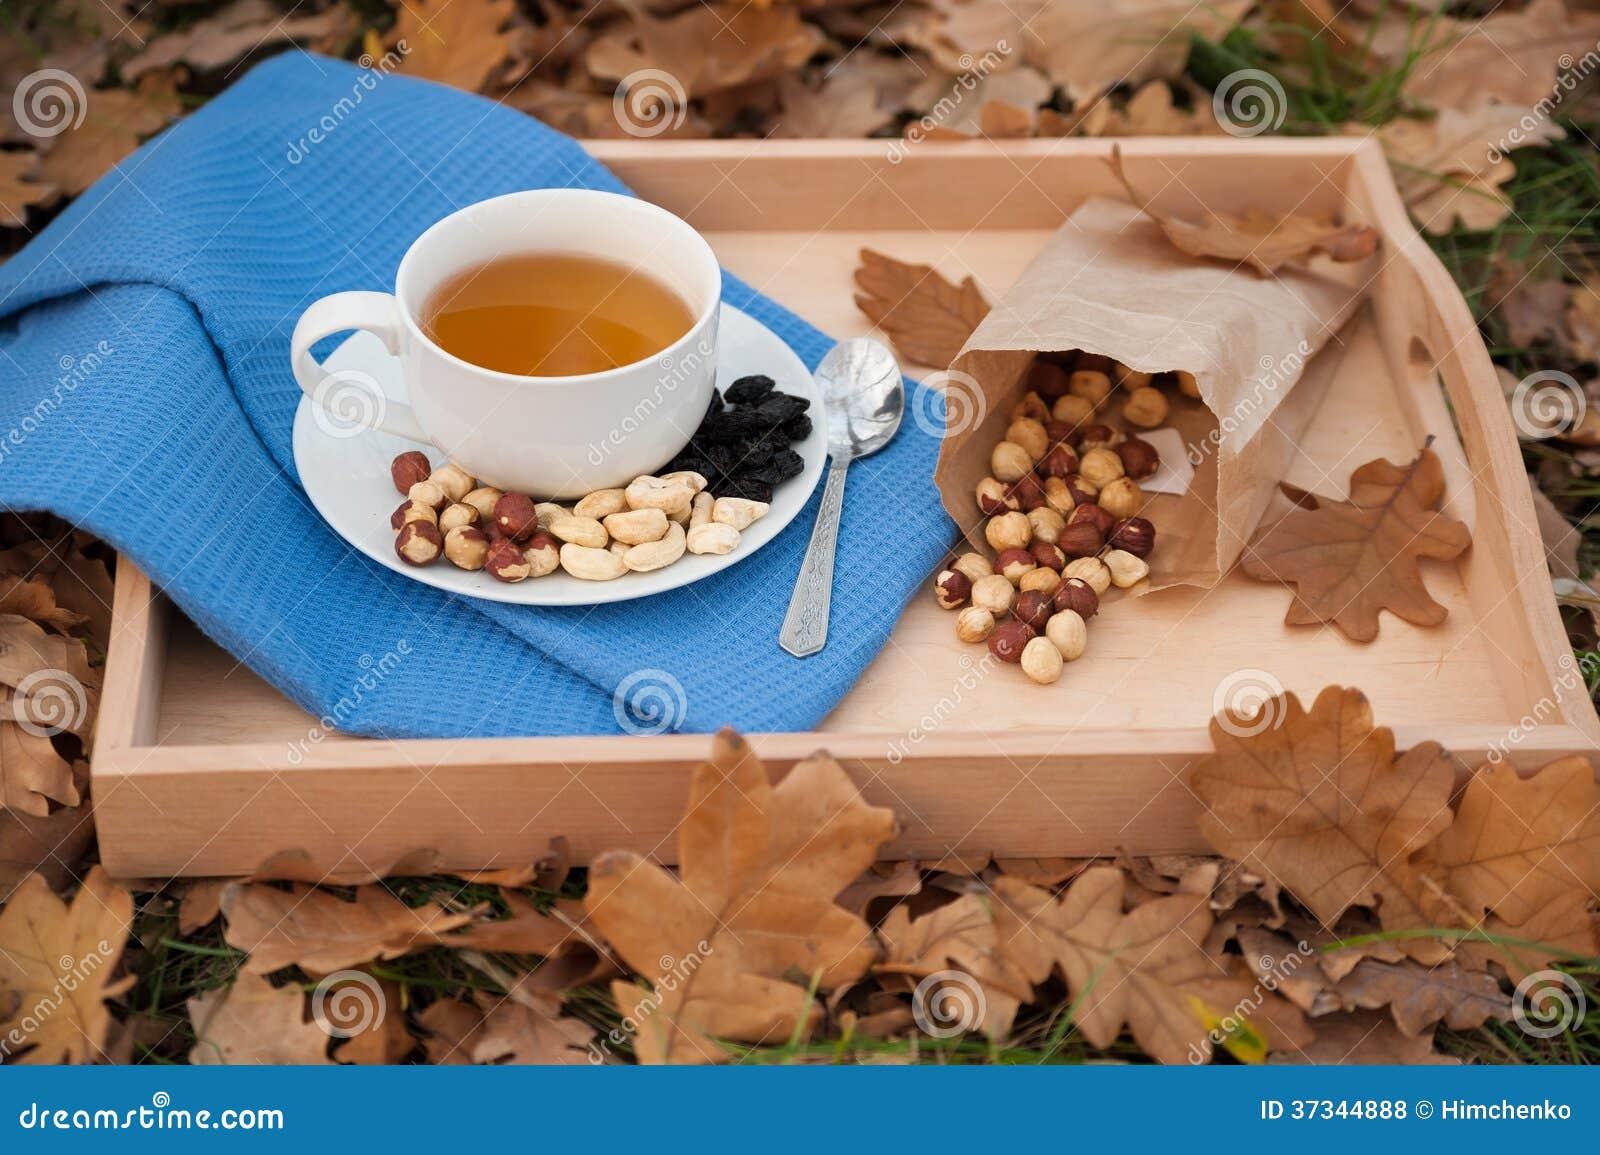 Kopp te och plattan med hasselnötter är på en servett